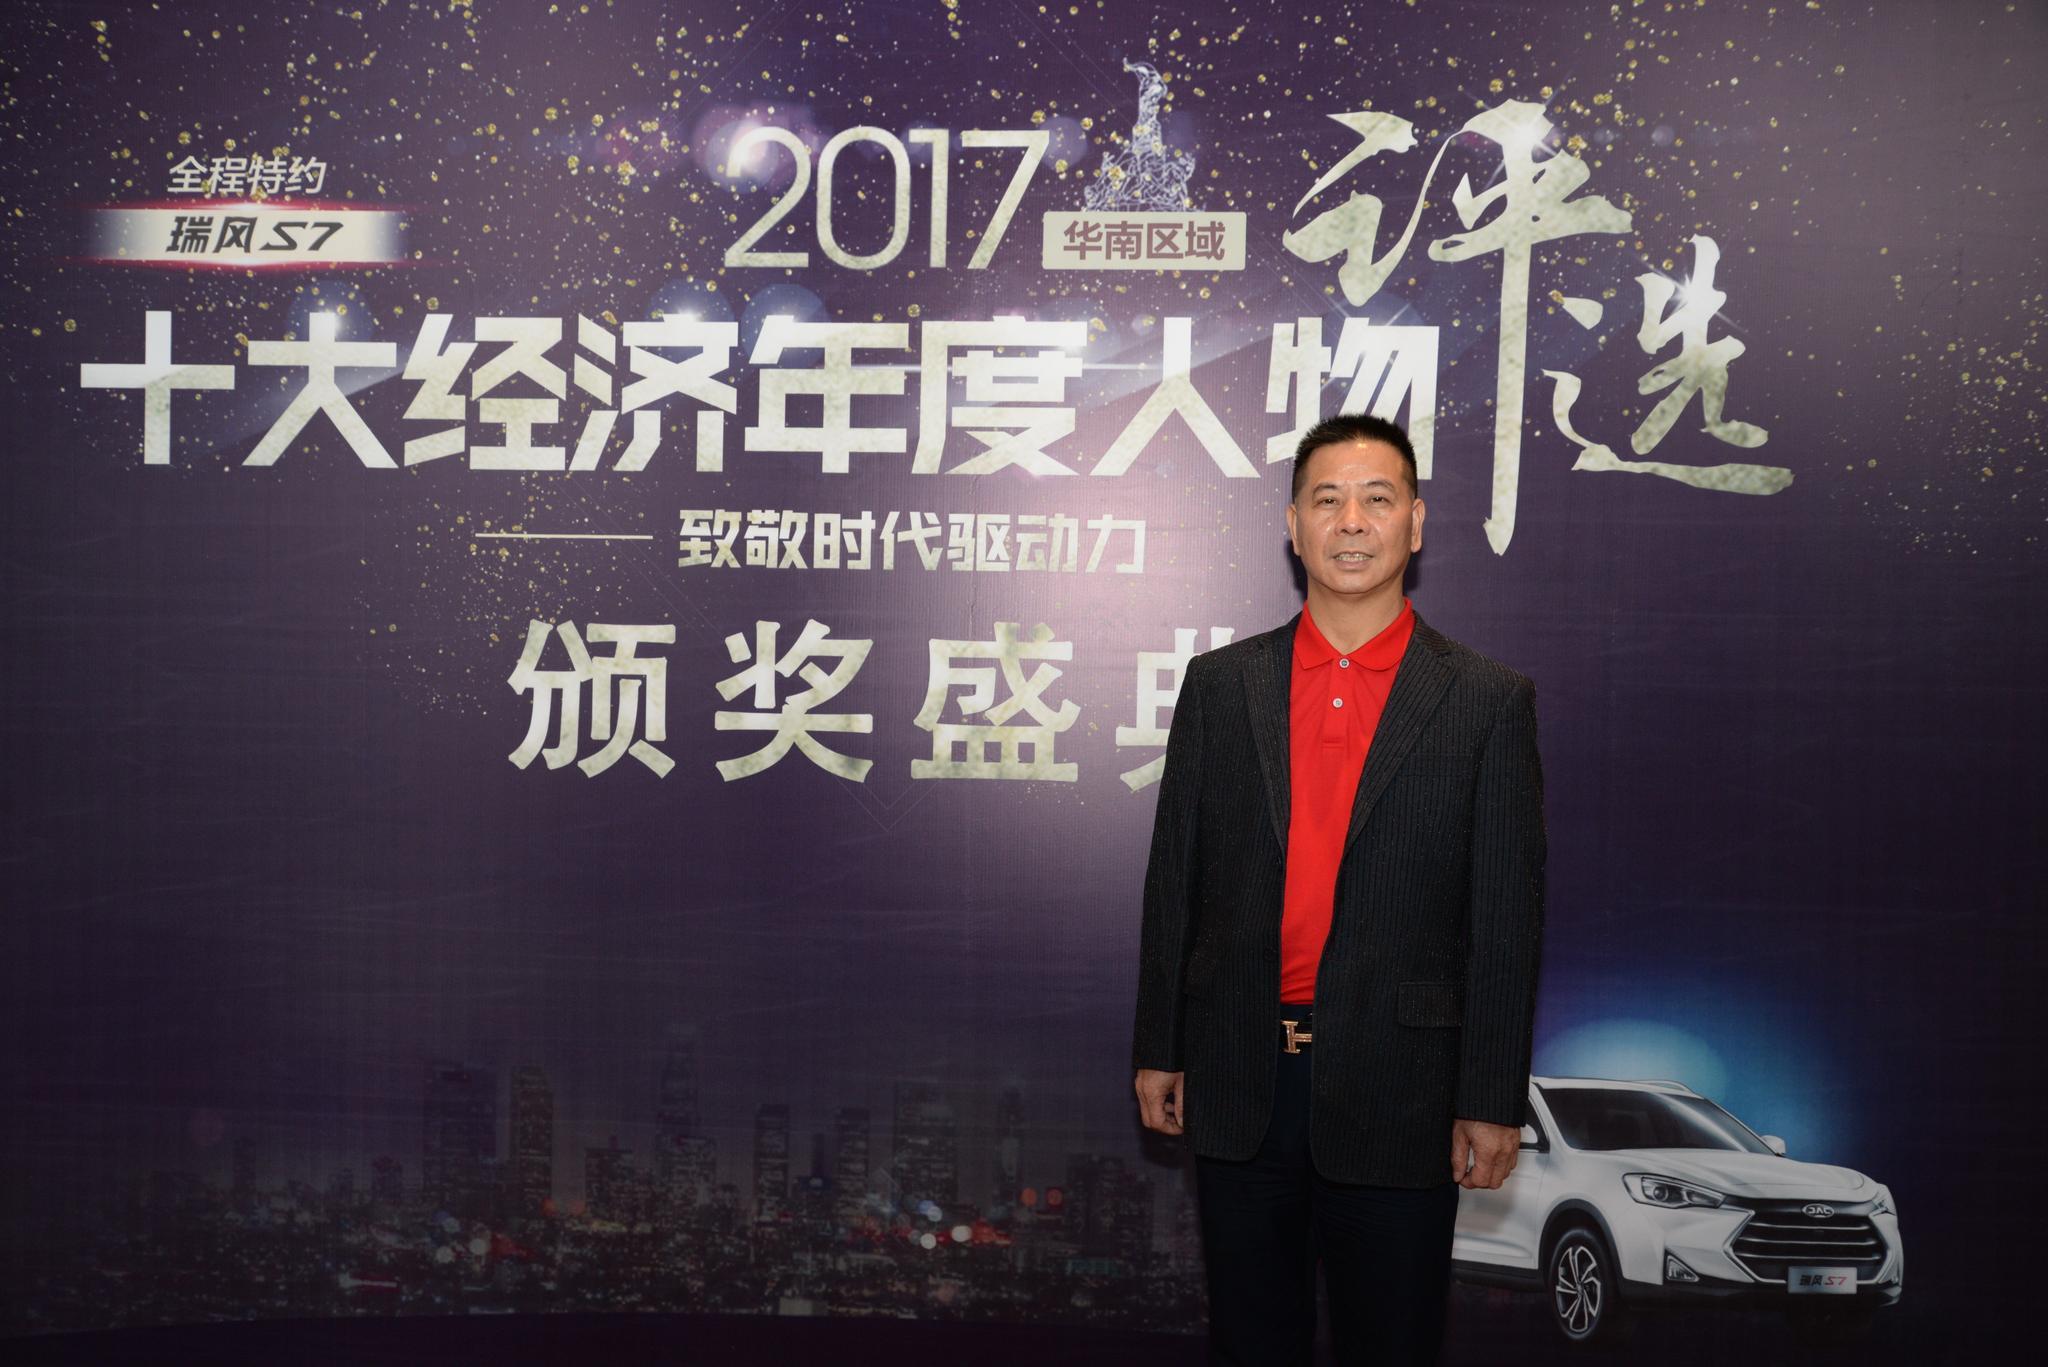 2017年华南区十大经济年度人物陈建获奖